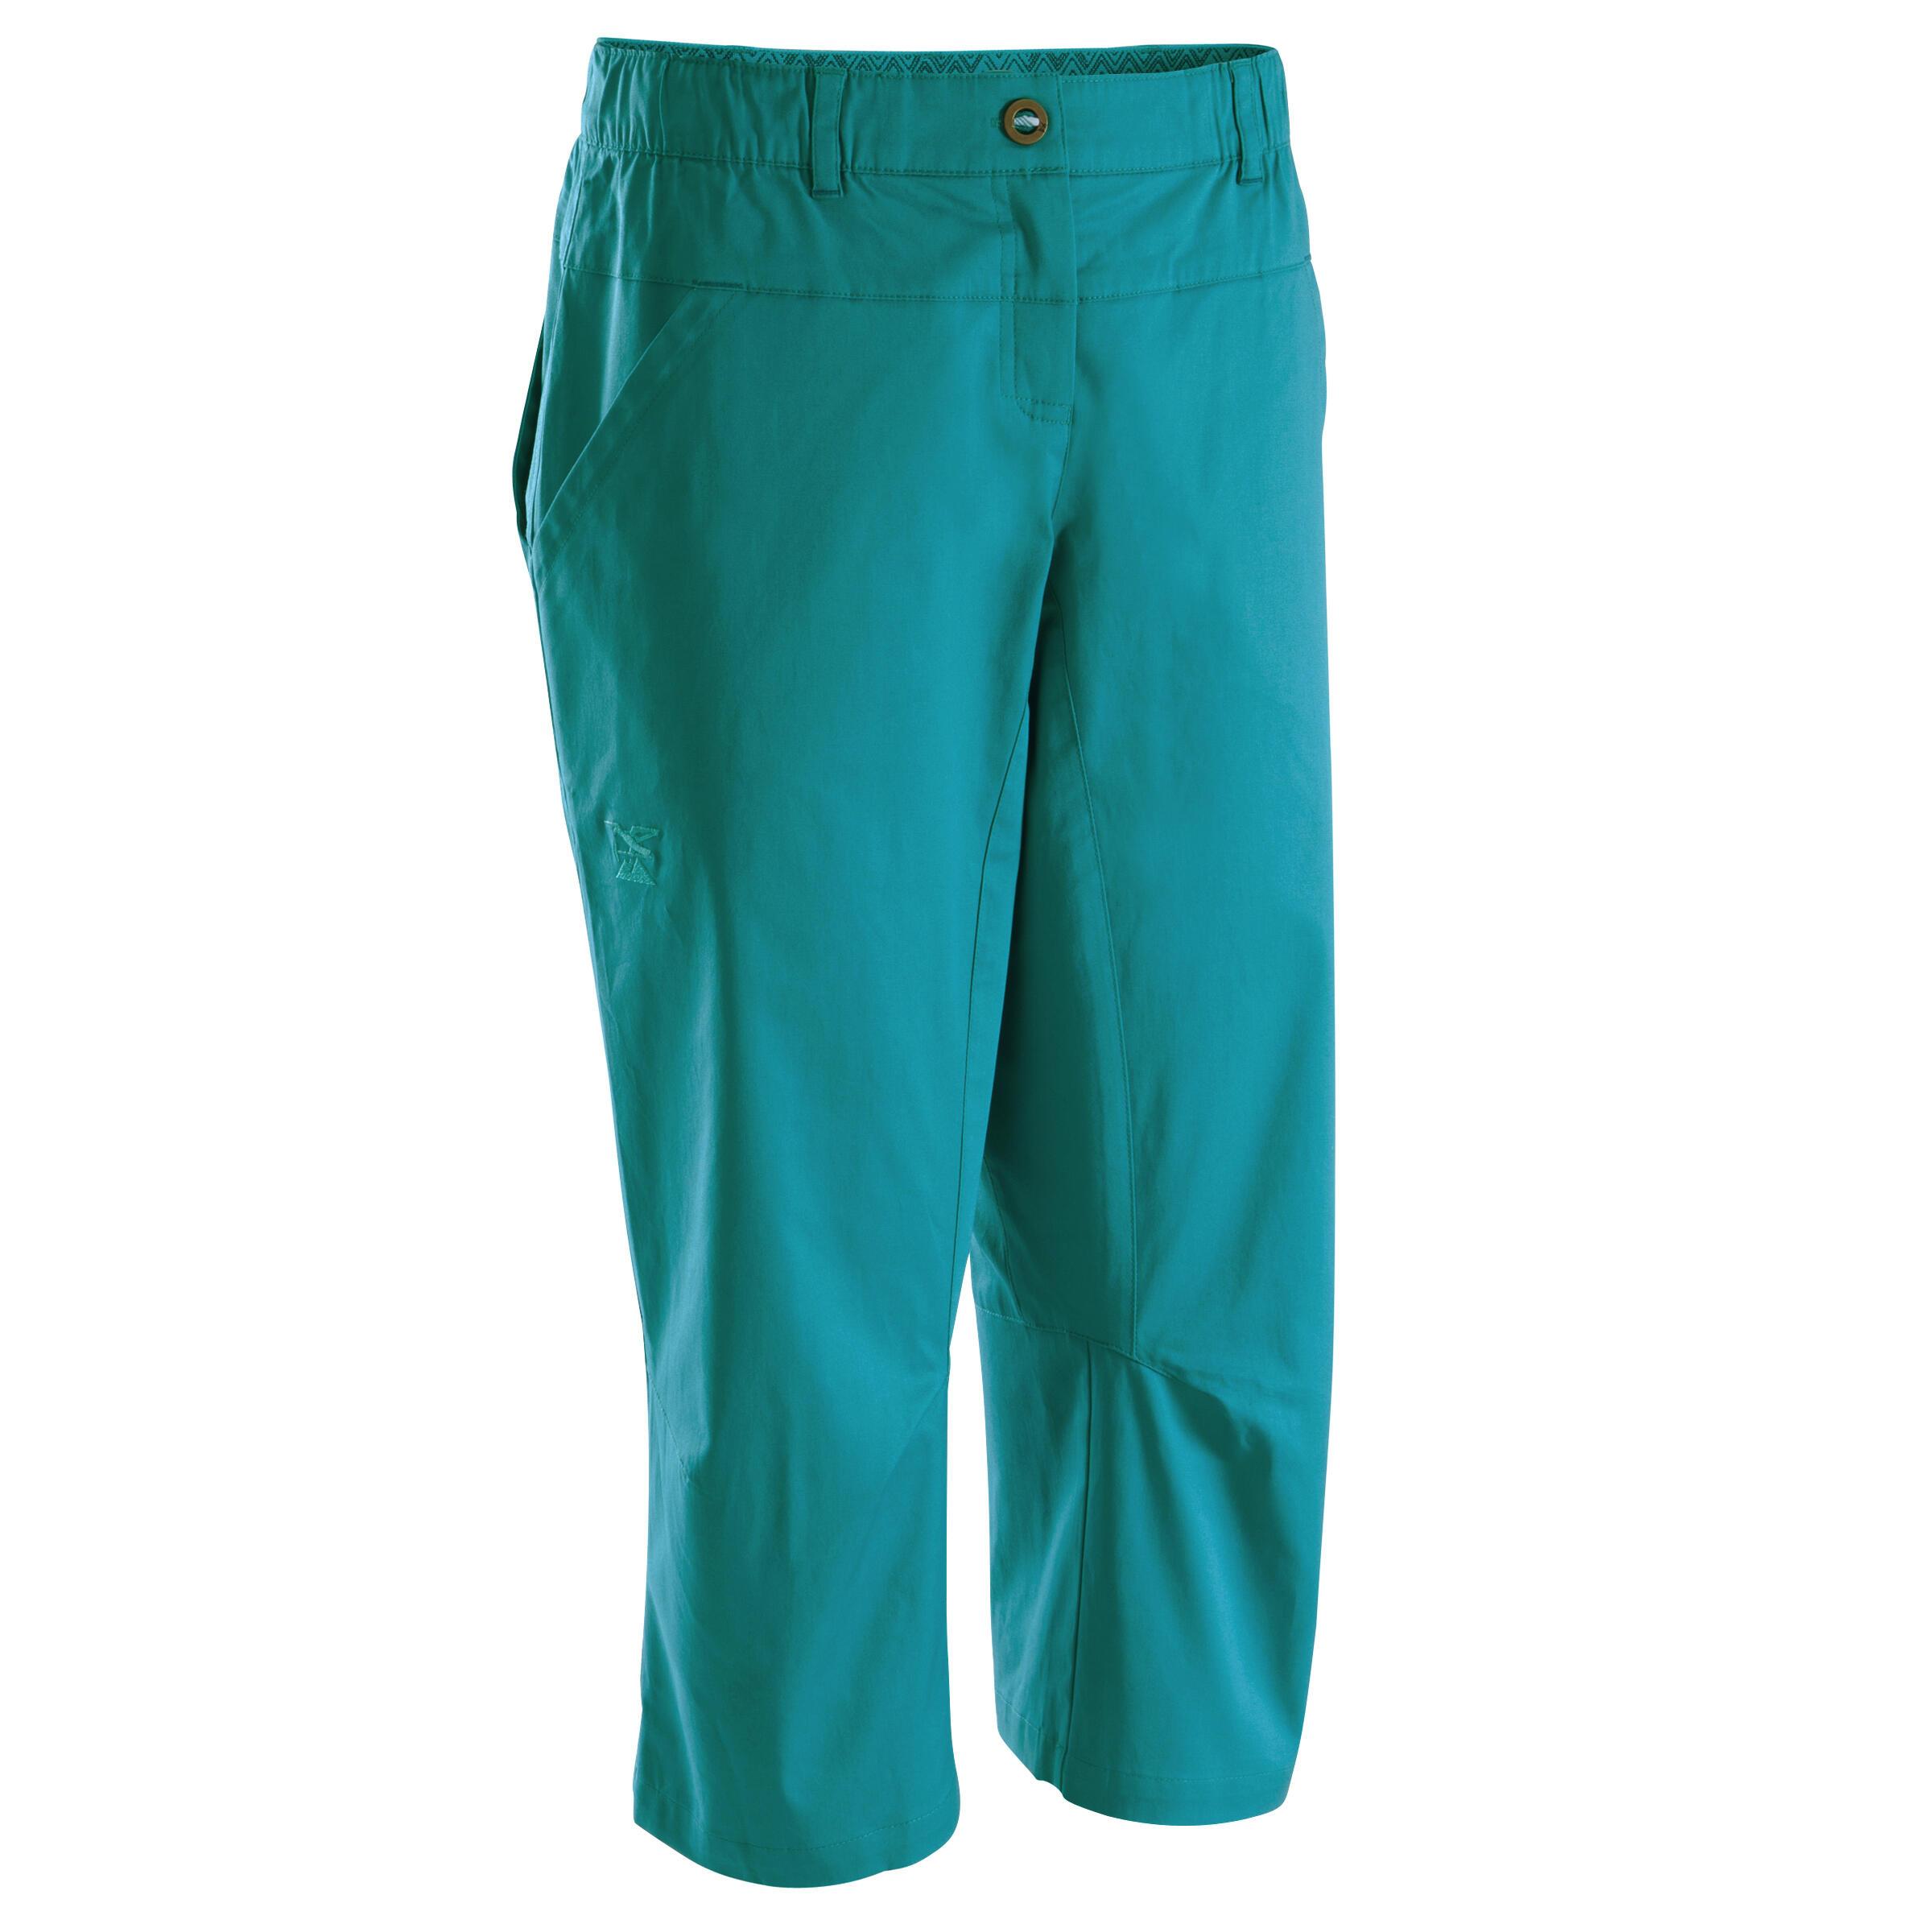 Simond Driekwartbroek Cliff voor dames turquoise